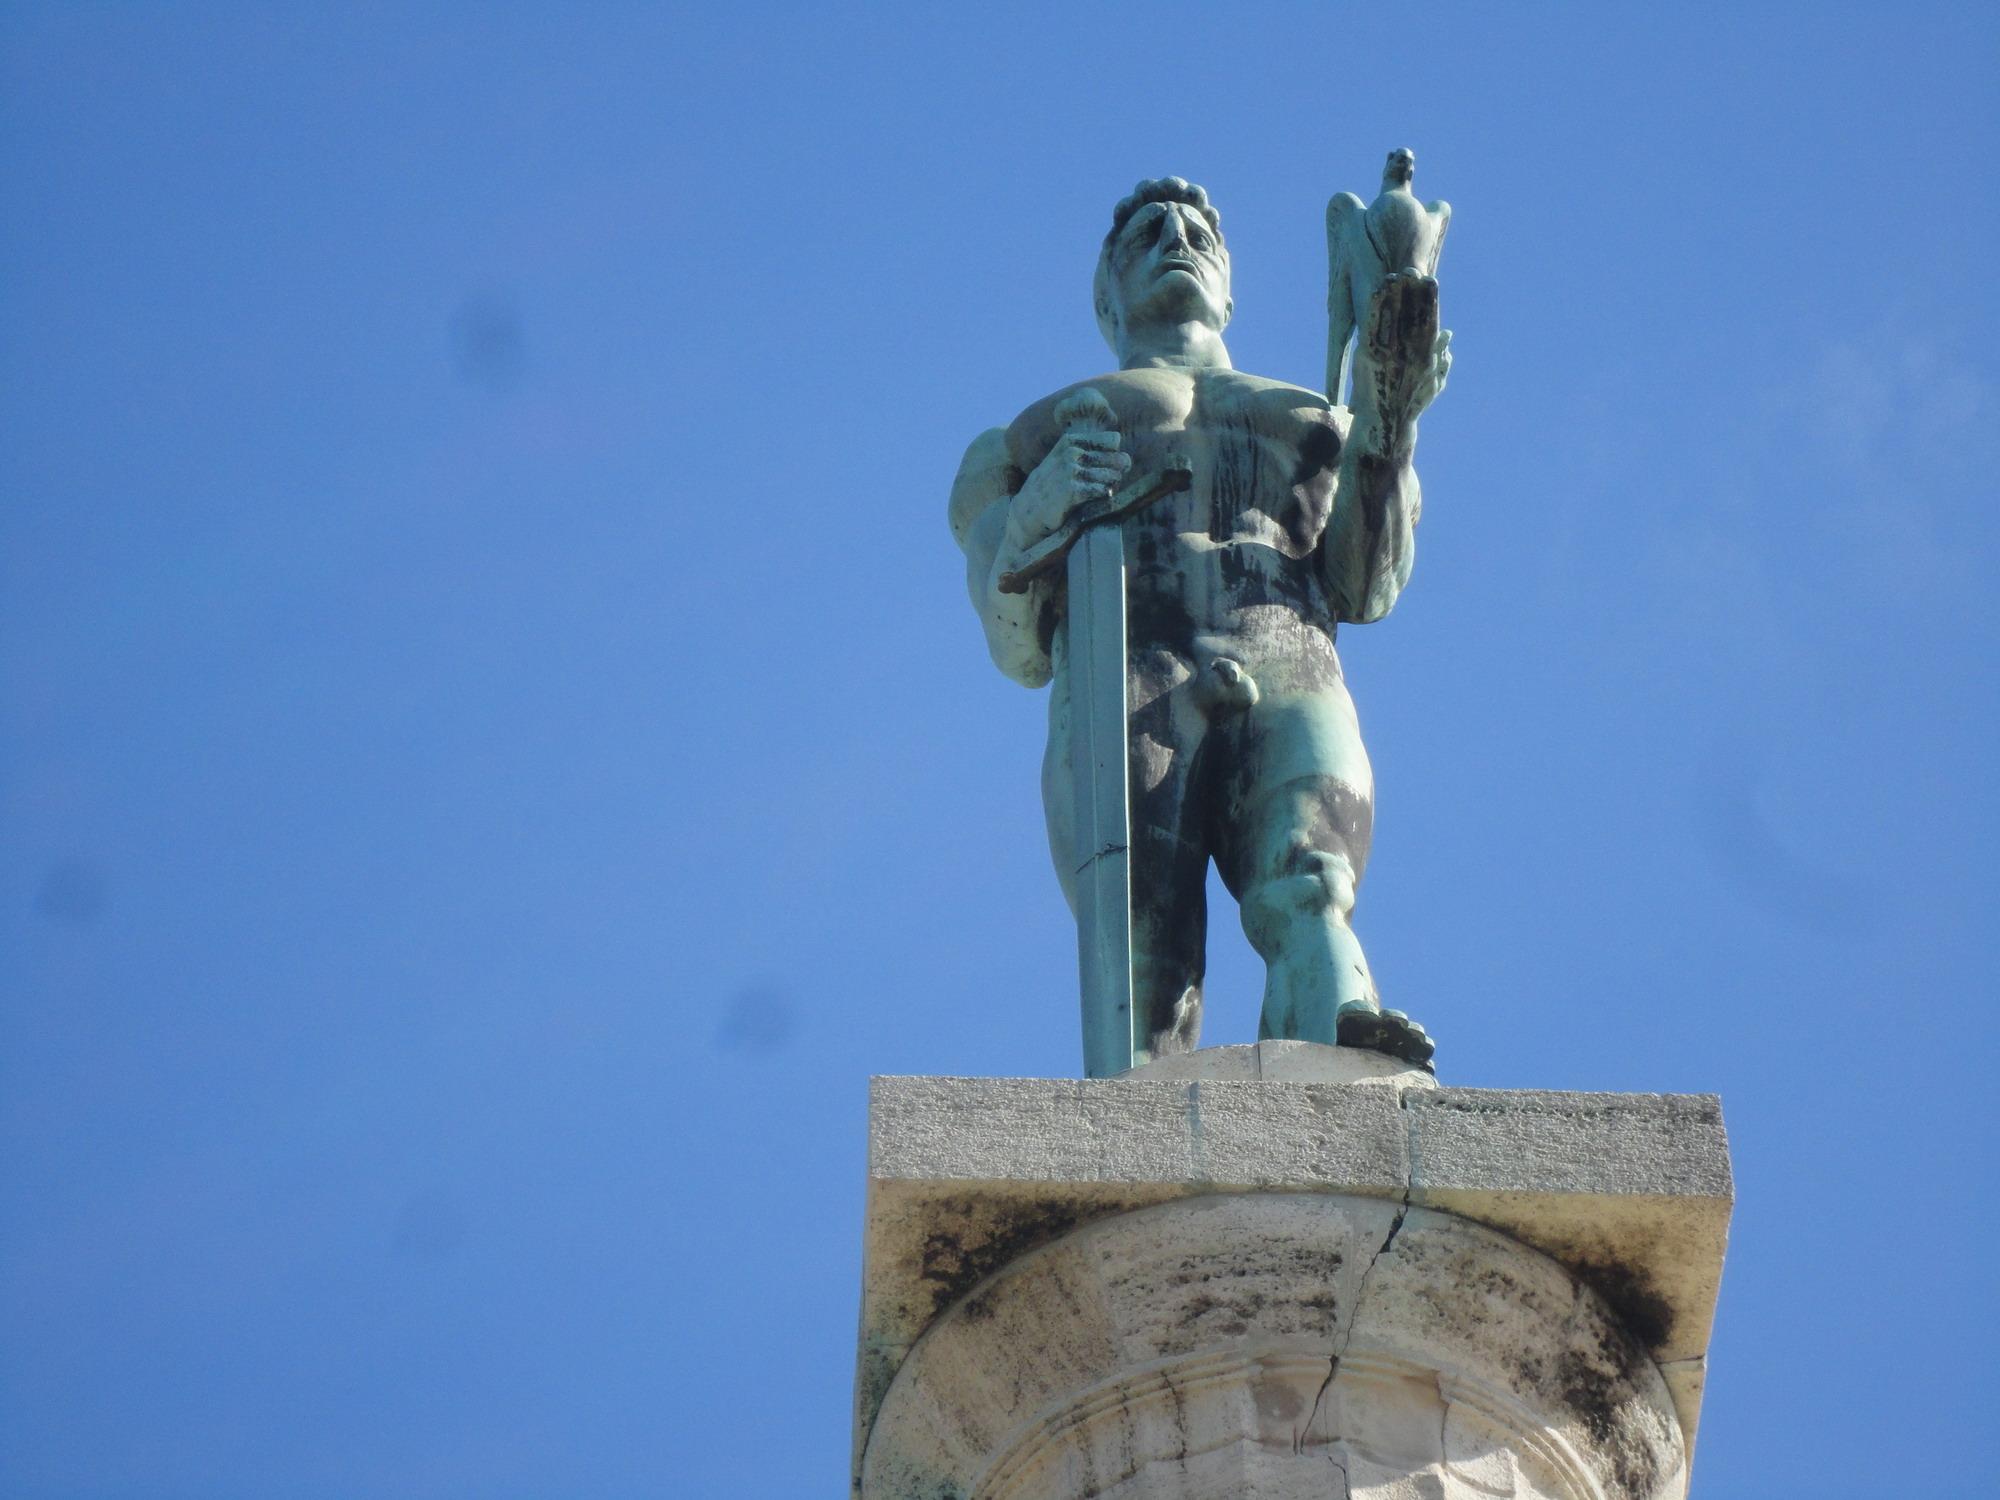 共和广场,◎米哈依国王的骑马雕塑,◎国家大剧院及◎国家博物馆等